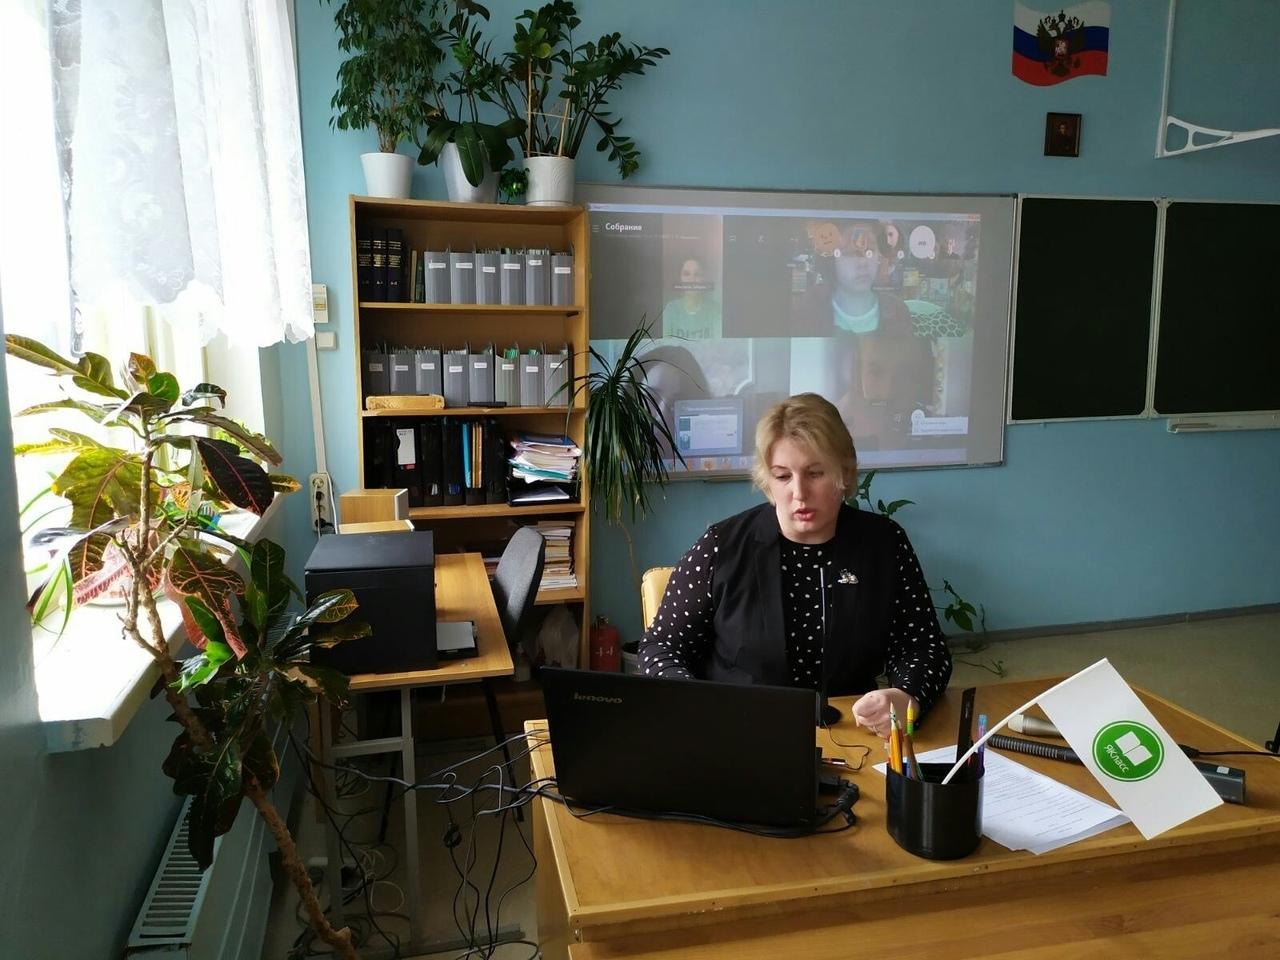 Школы Тольятти готовы передать тысячу компьютеров нуждающимся старшеклассникам